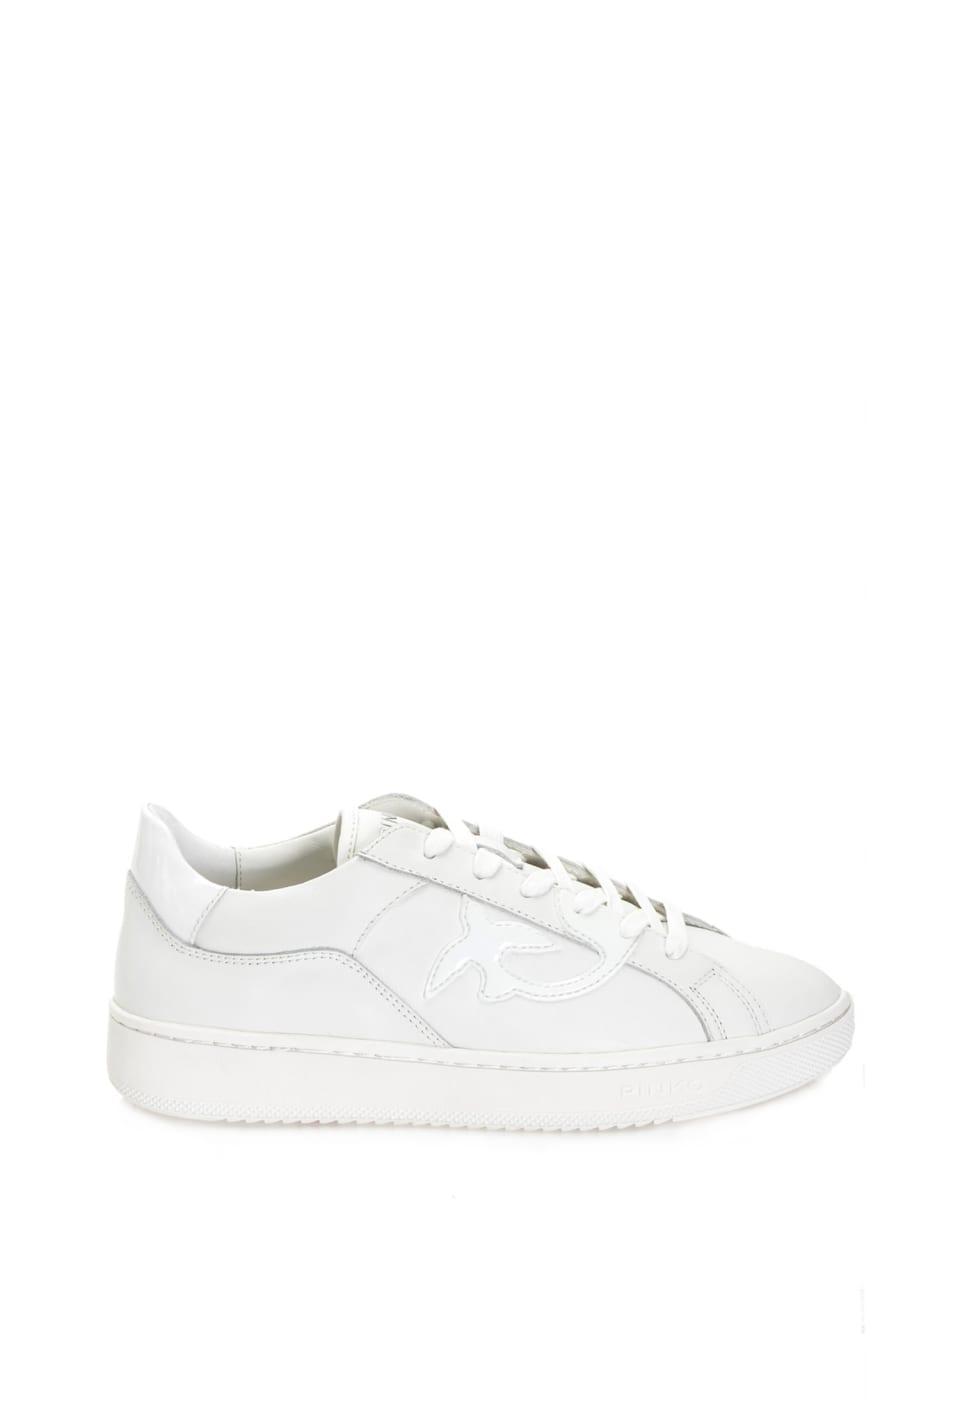 平底皮革运动鞋 - Pinko